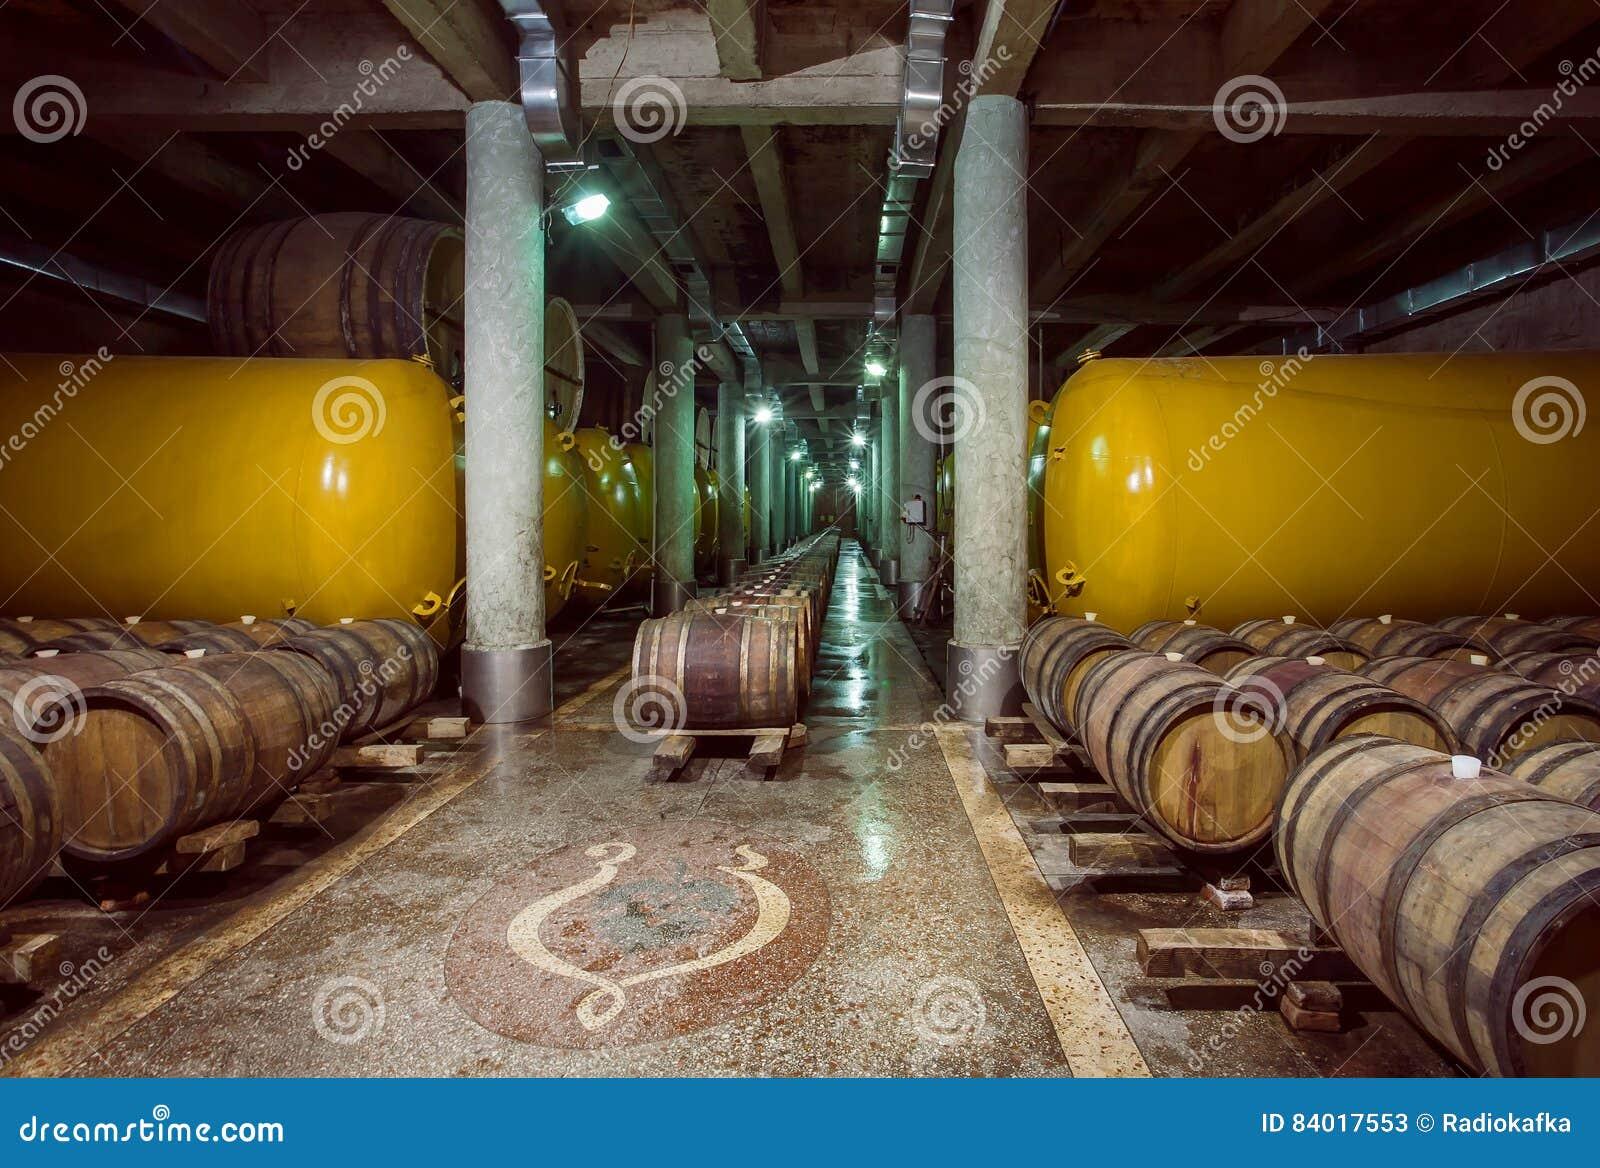 Houten vaten en metaalreservoir met wijn binnen oude kelder van